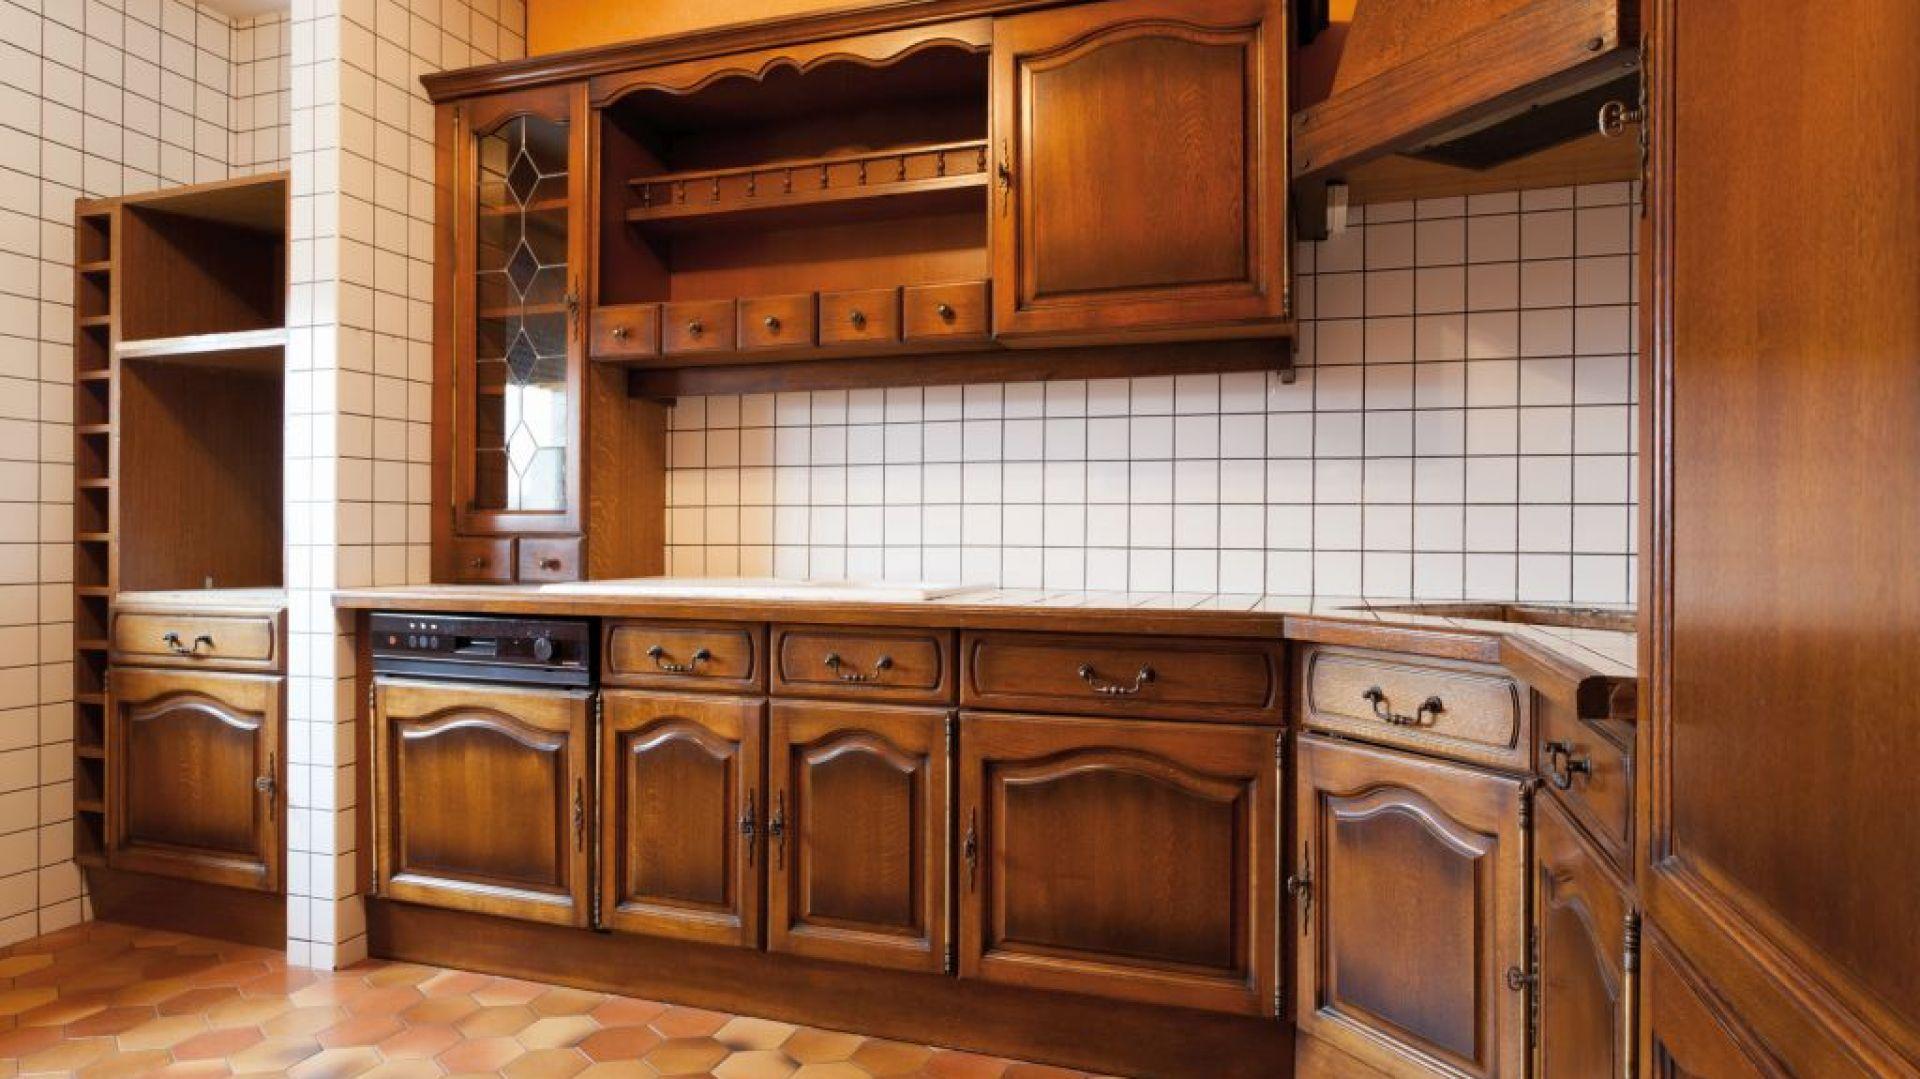 Renowacja Kuchni Szybko I Bez Zbędnego Bałaganu